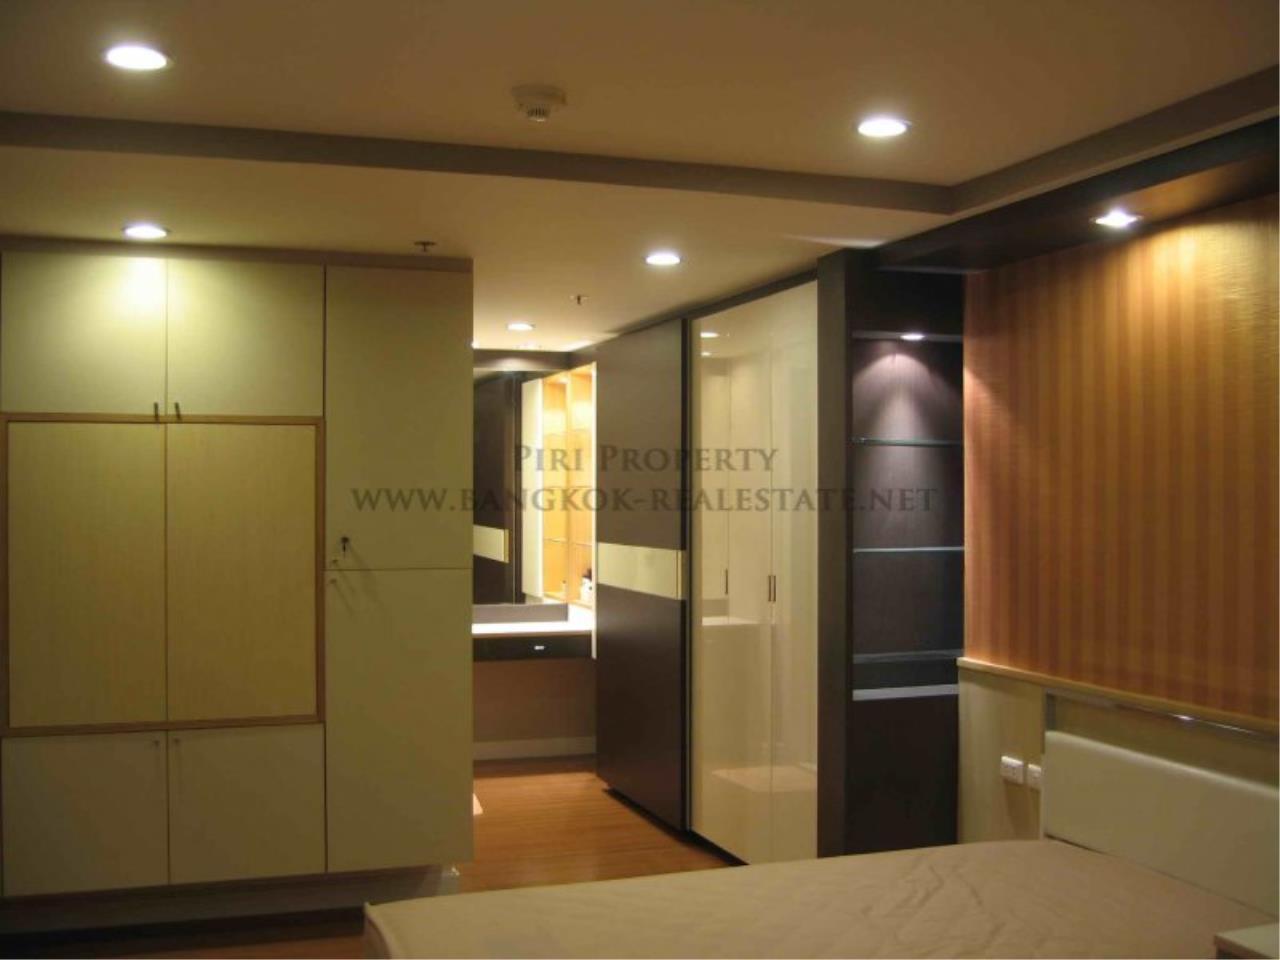 Piri Property Agency's Trendy Condominium in Nana for Sale - 2 Bedroom Condo 6